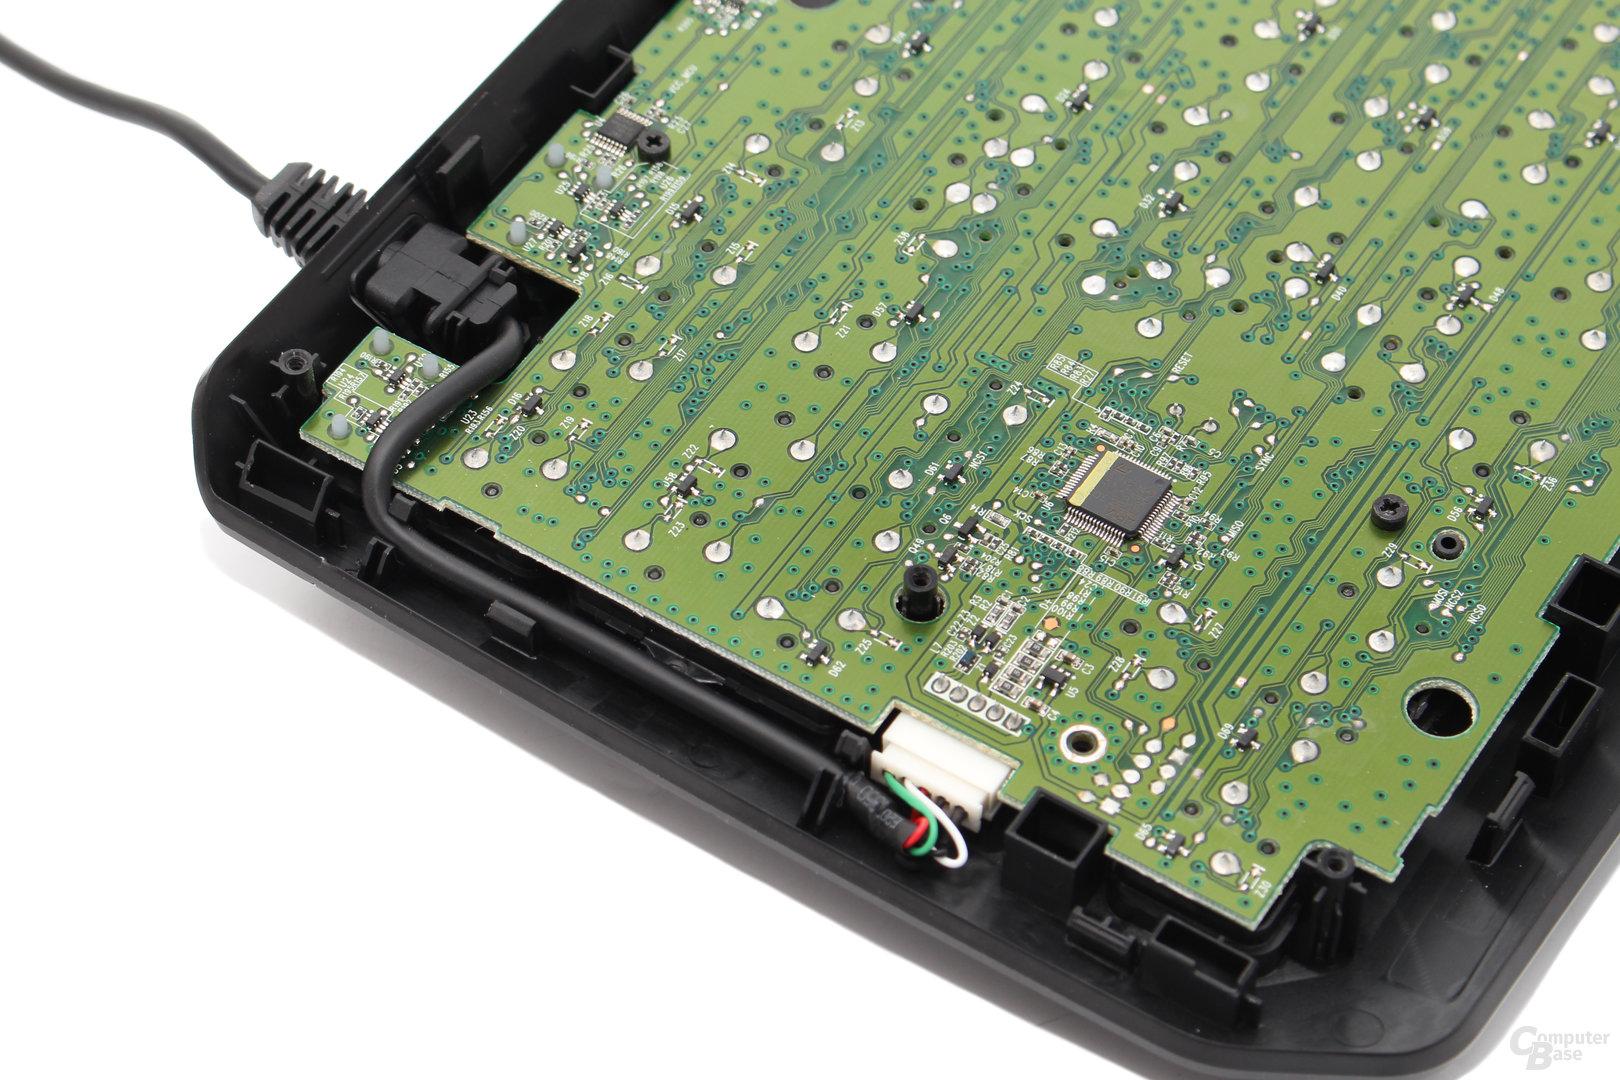 Das USB-Kabel wird sauber fixiert und entlastet